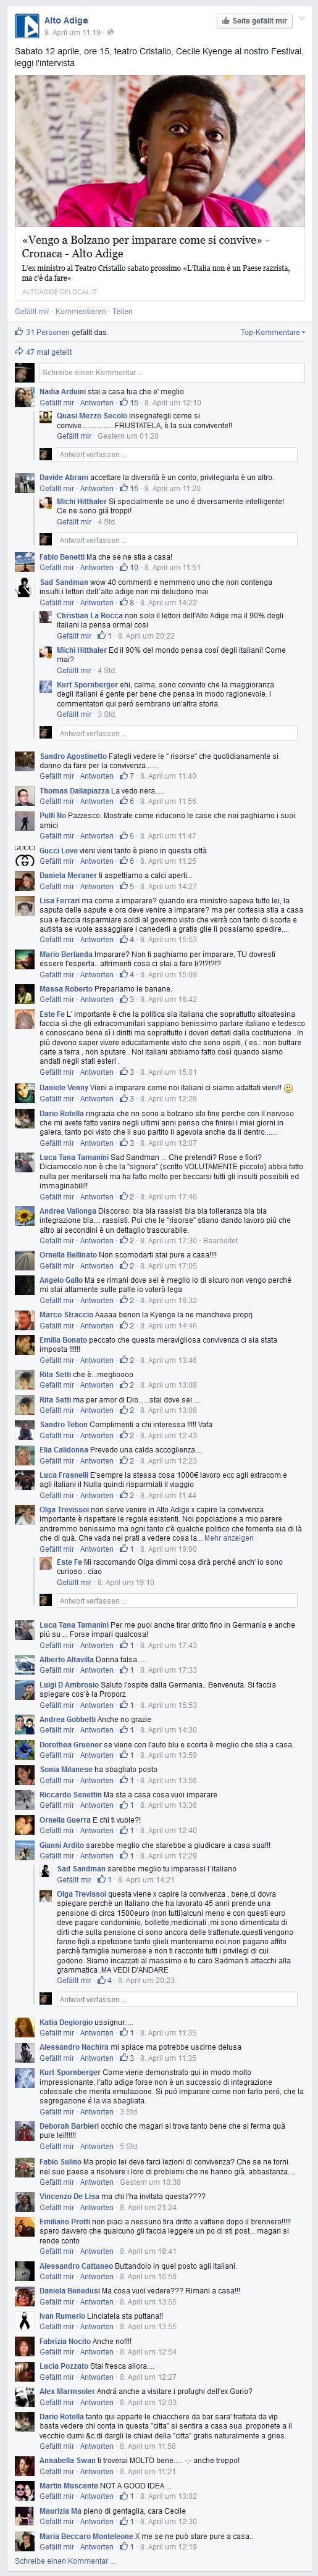 Facebook-Wall A.A.